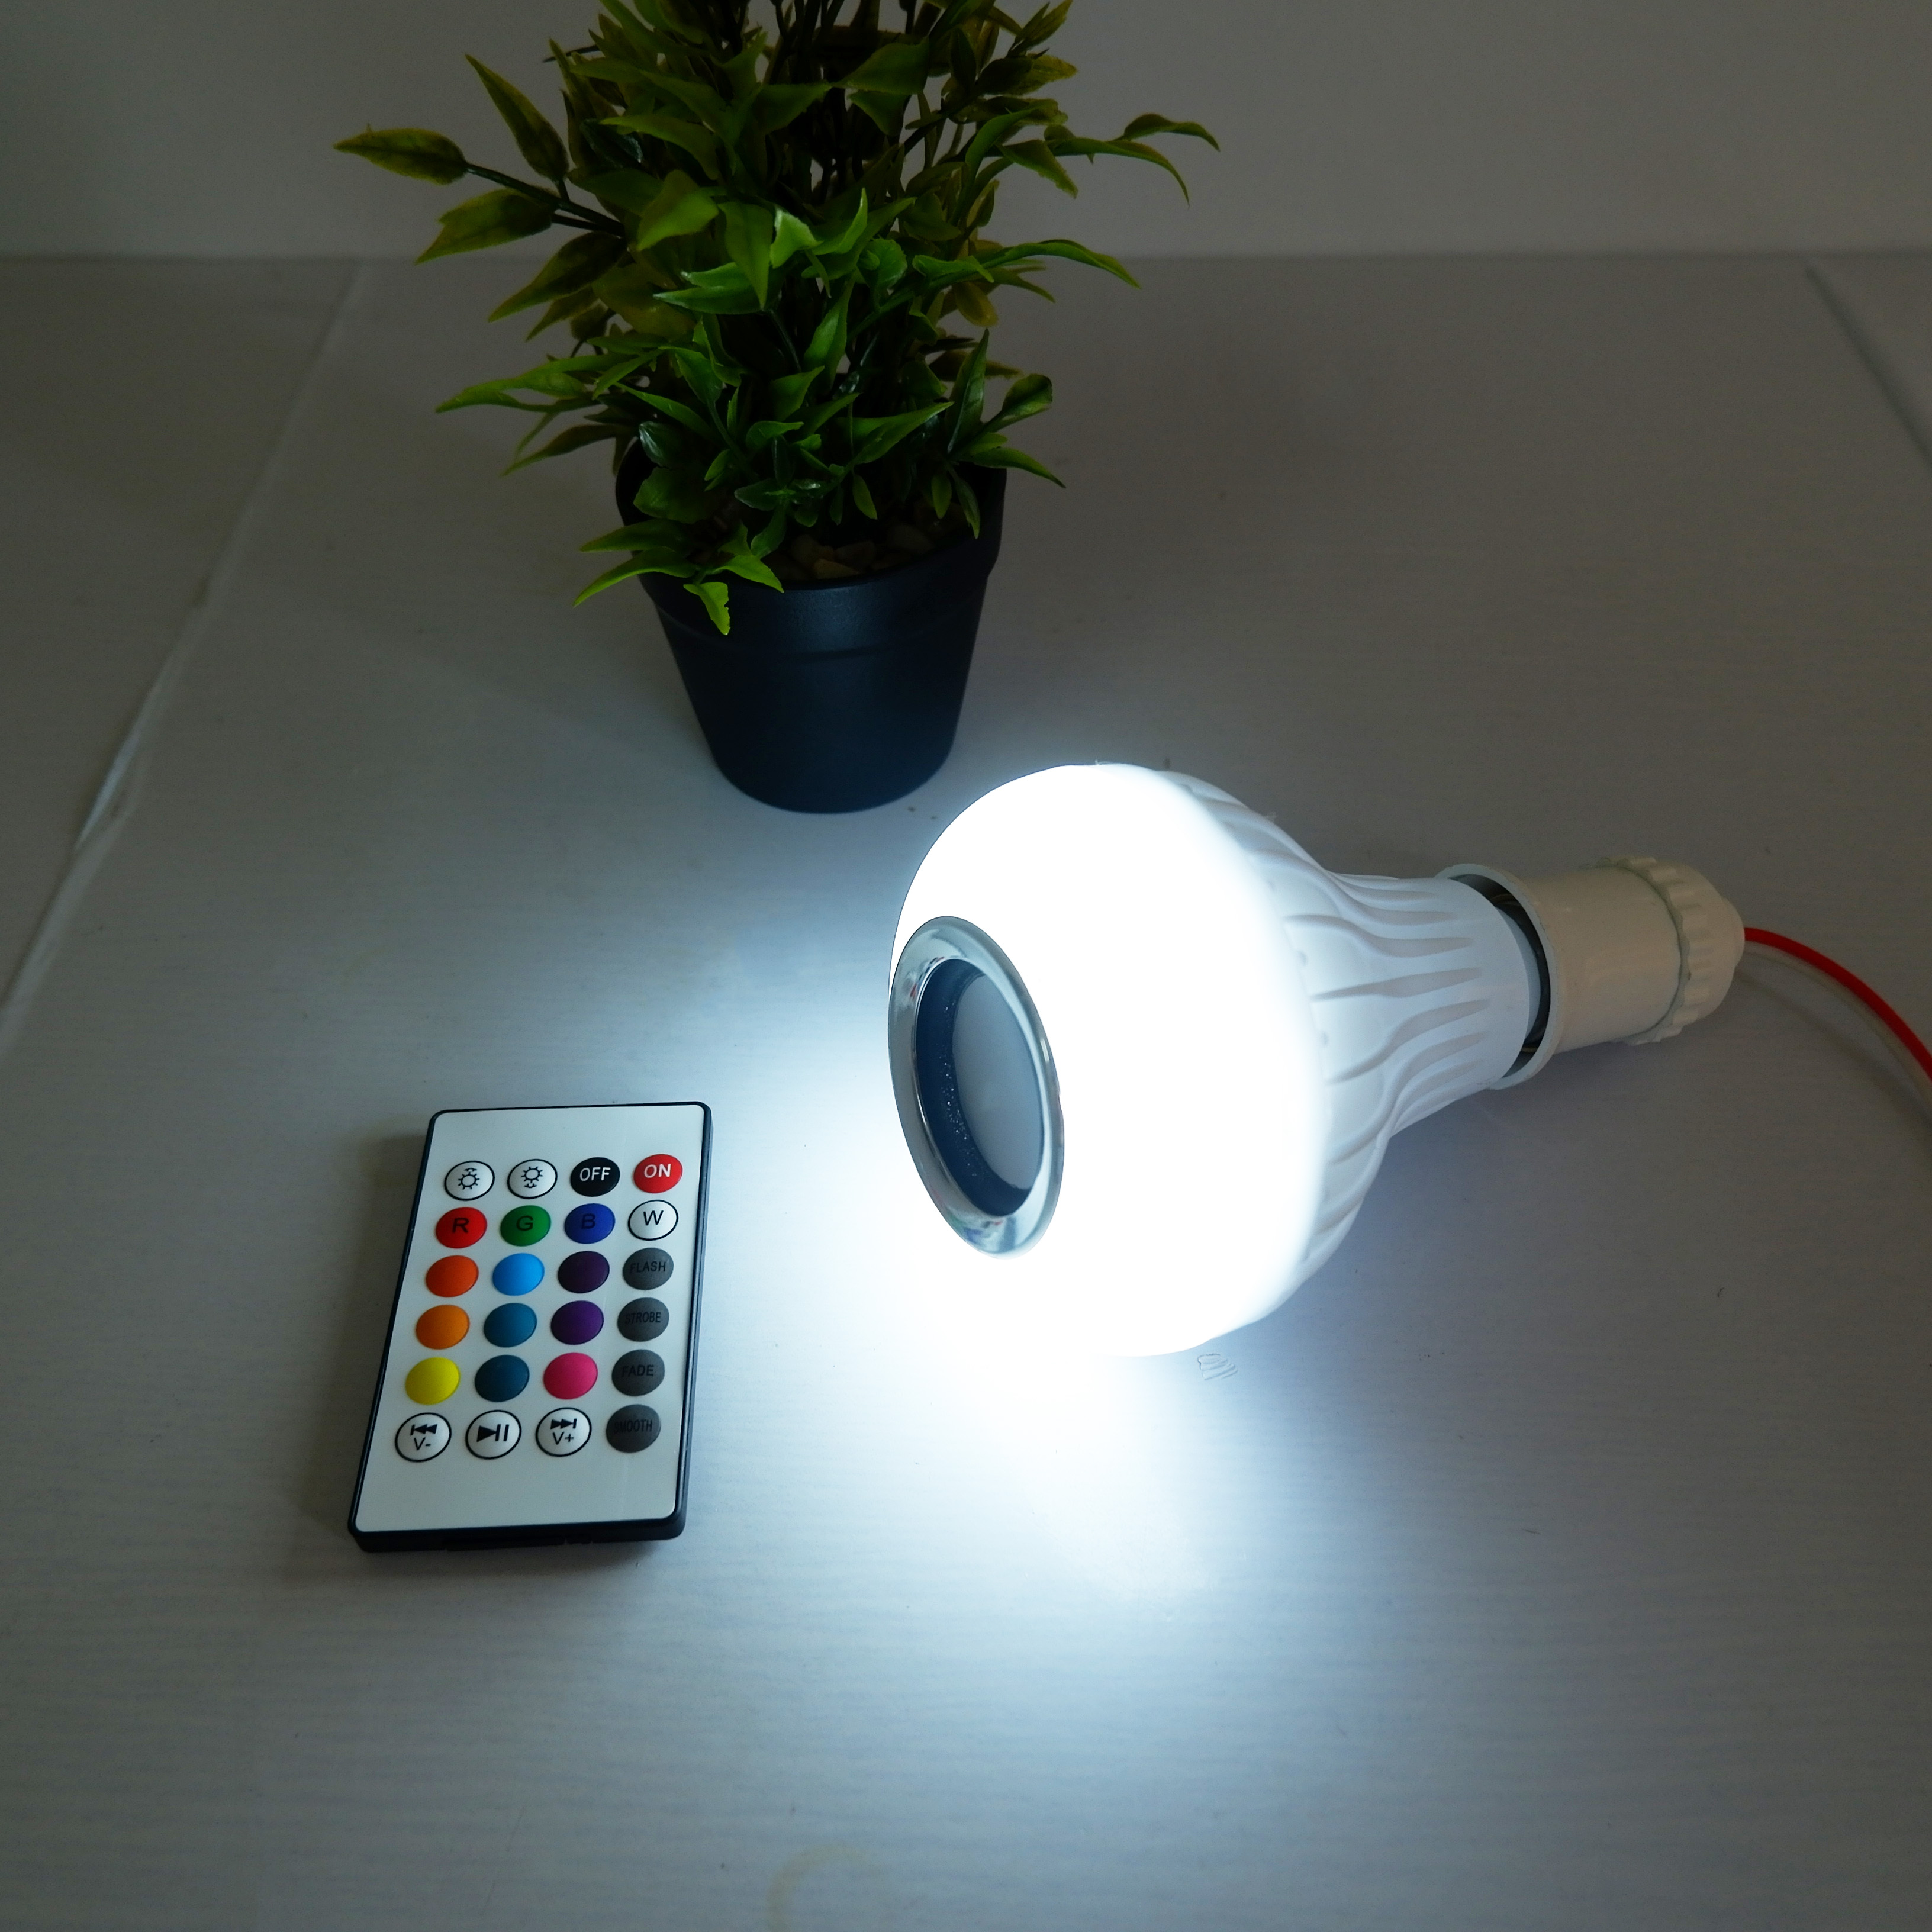 Bóng Đèn Led Kiêm Loa Phát Nhạc Bluetooth - Bóng đèn phát nhạc đổi màu bằng điều khiển - Hàng chính hãng